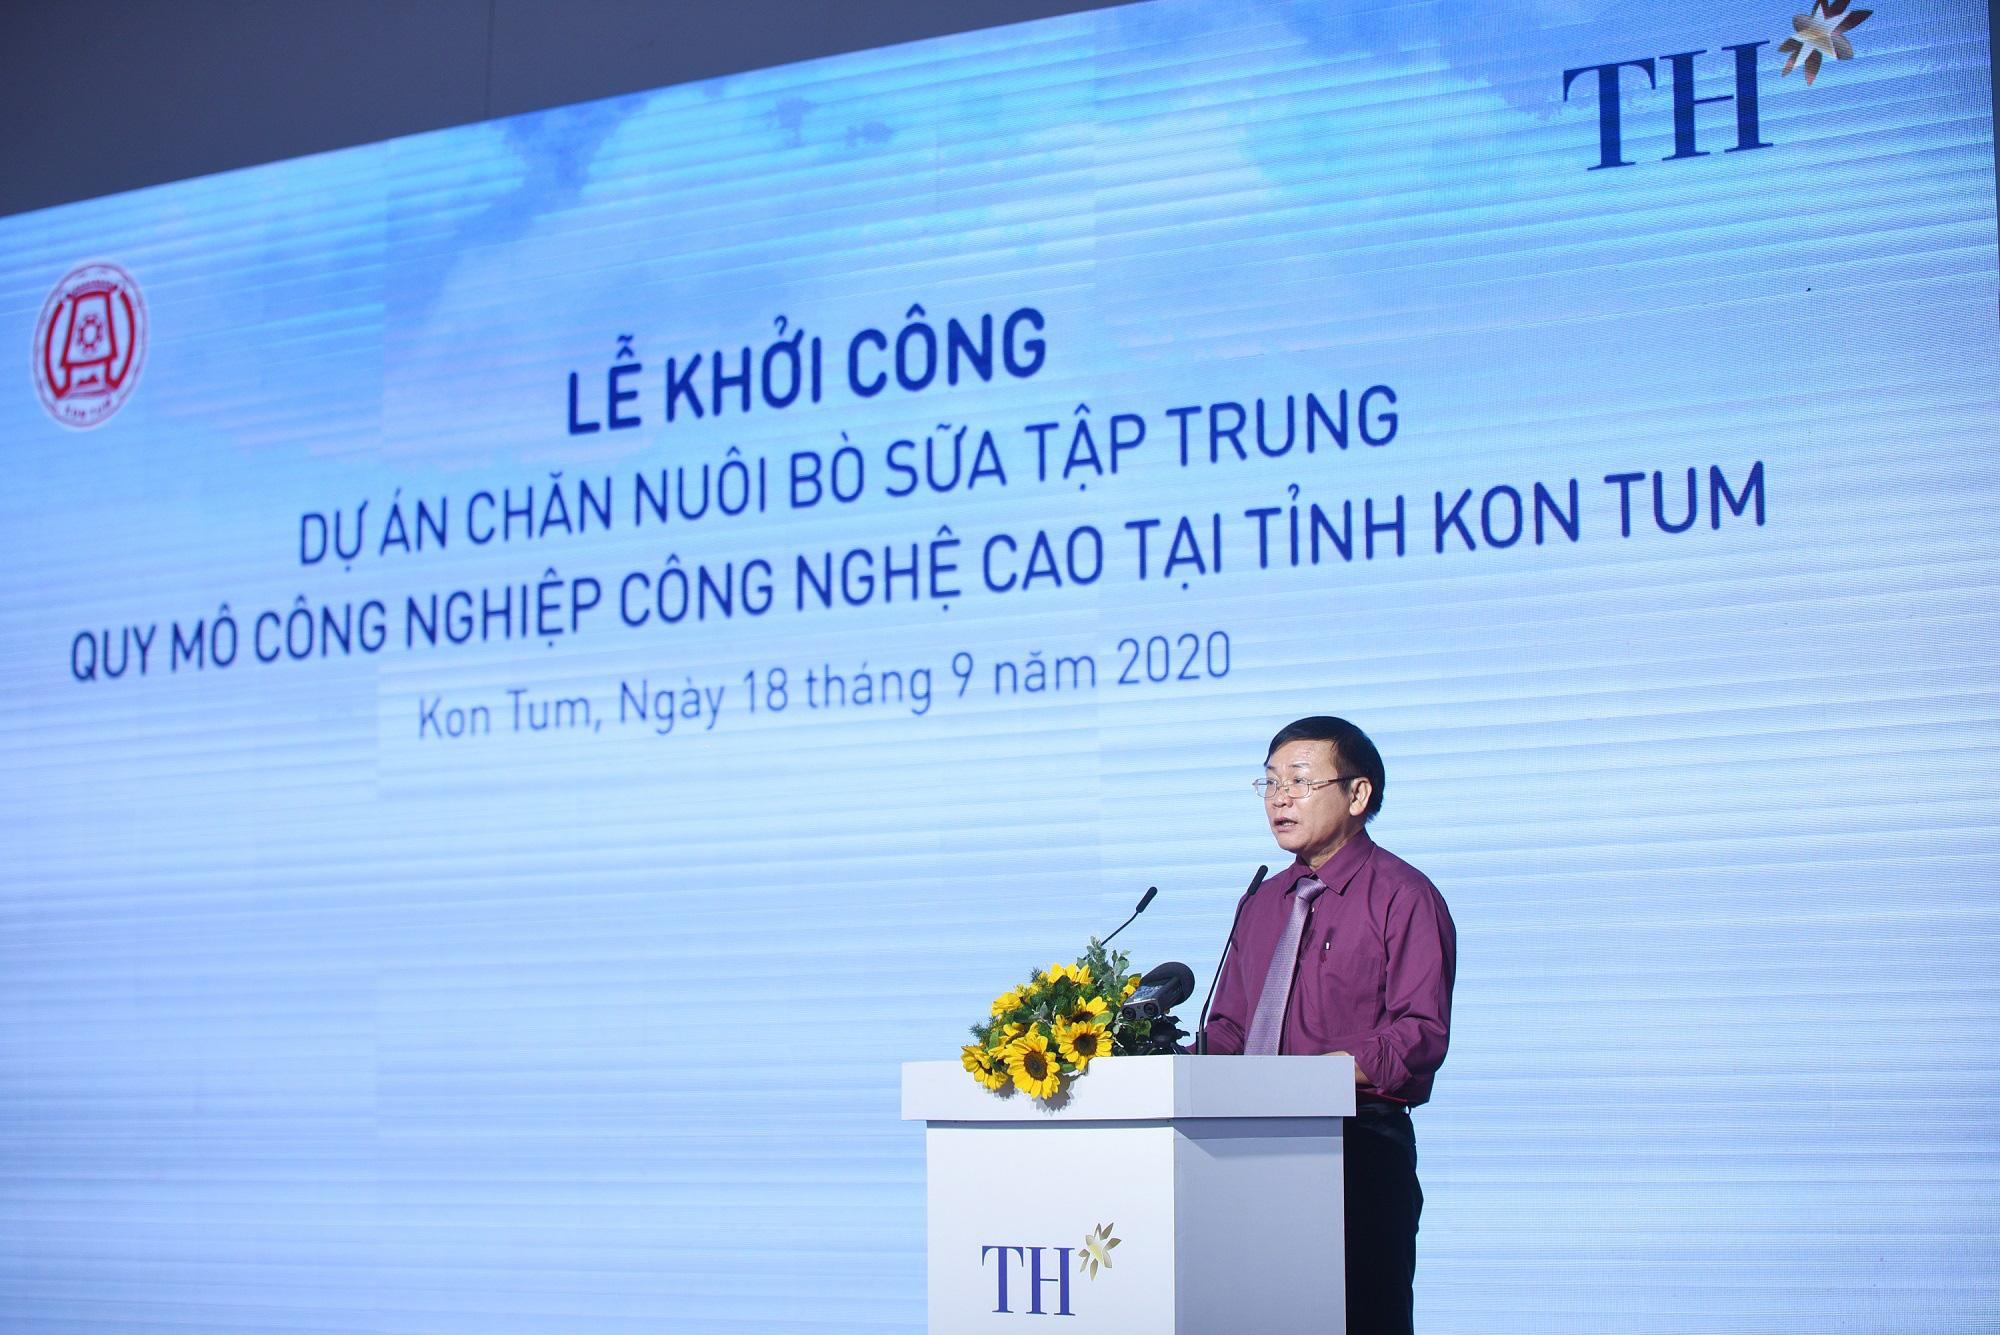 Kon Tum: Khởi công dự án nuôi bò sữa công nghệ cao quy mô lớn nhất Tây Nguyên - Ảnh 4.